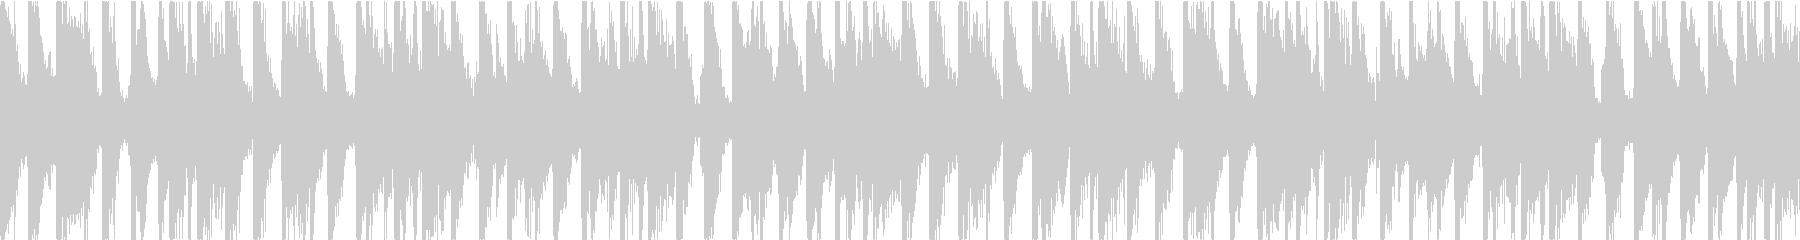 ハッピーで可愛い雰囲気 Loop用の未再生の波形